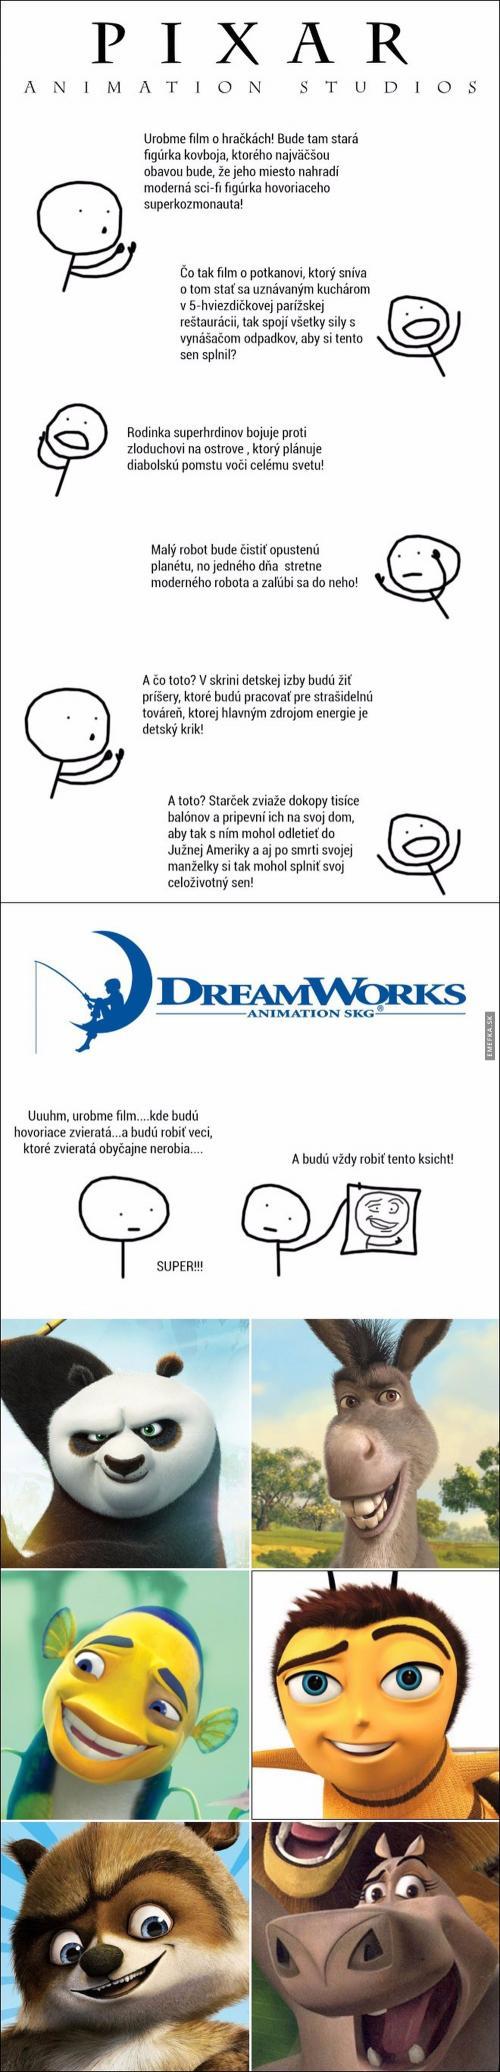 Pixar vs. Dreamworks